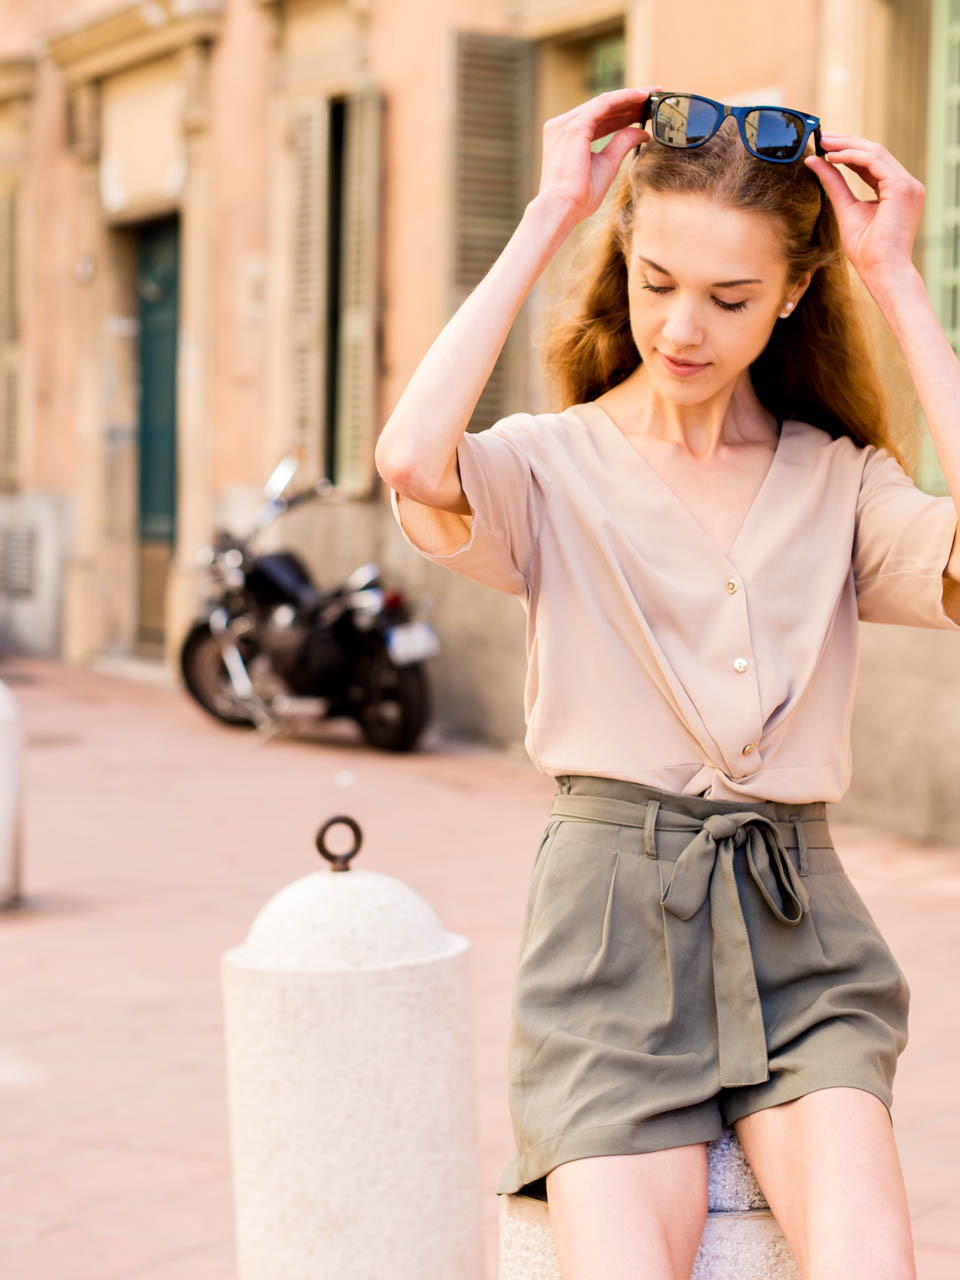 experiences-with-loneliness-summer-fashion-inspiration-blogger-yksinäisyys-kokemuksia-kesämuoti-inspiraatio-muotiblogi